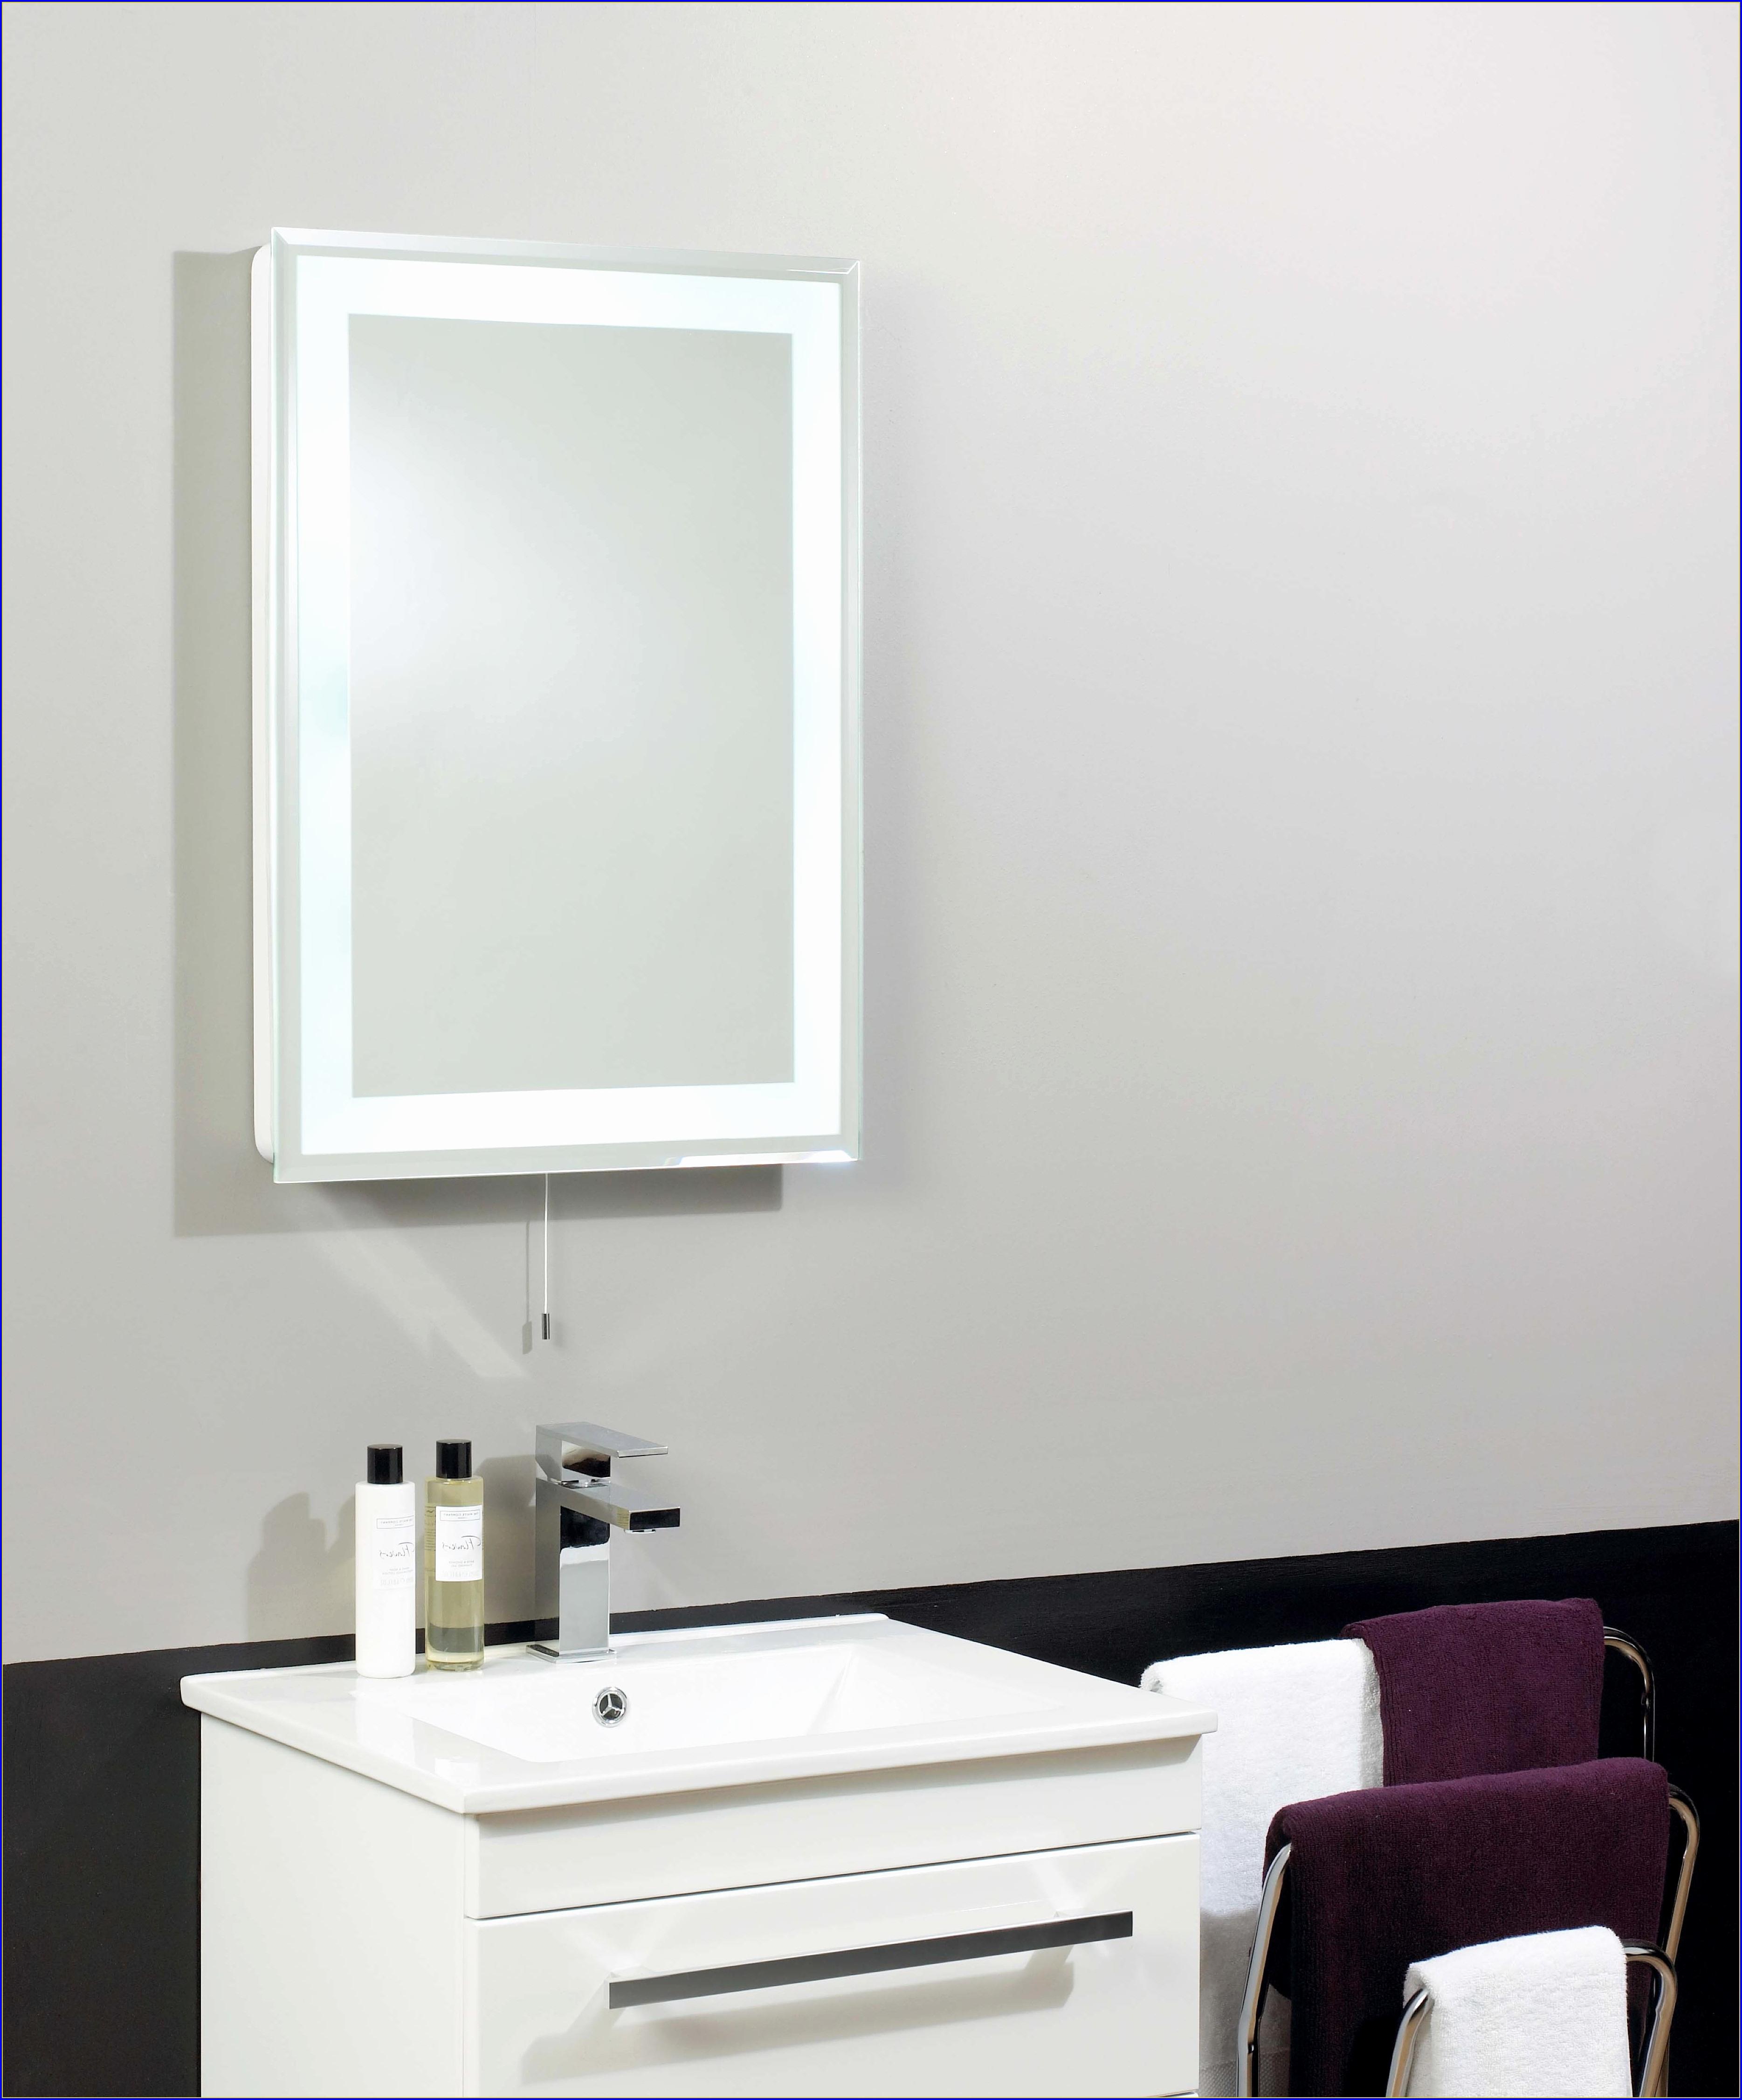 Miroir De Salle De Bain Ikea Inspirant Galerie Spot Salle De Bain Ikea Beau Miroir Loge Ikea Epatant Ikea Eclairage